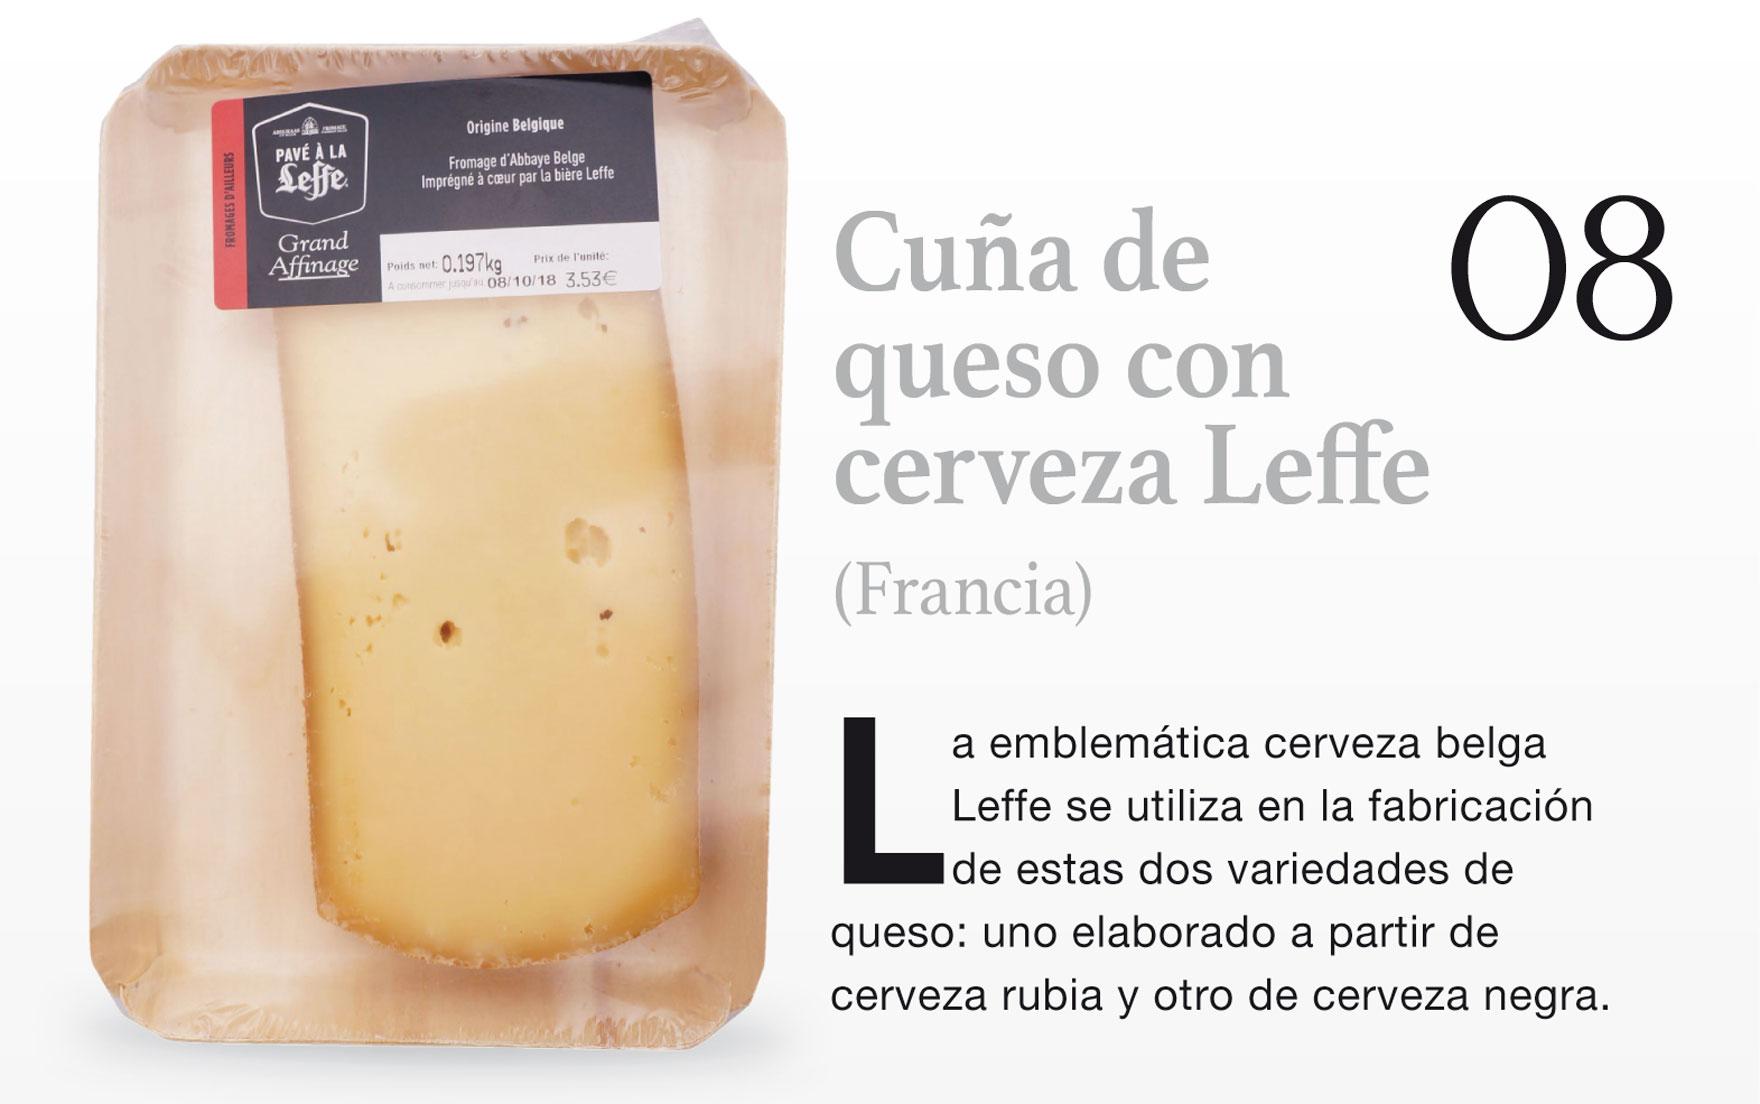 Cuña de queso con cerveza Leffe (Francia)